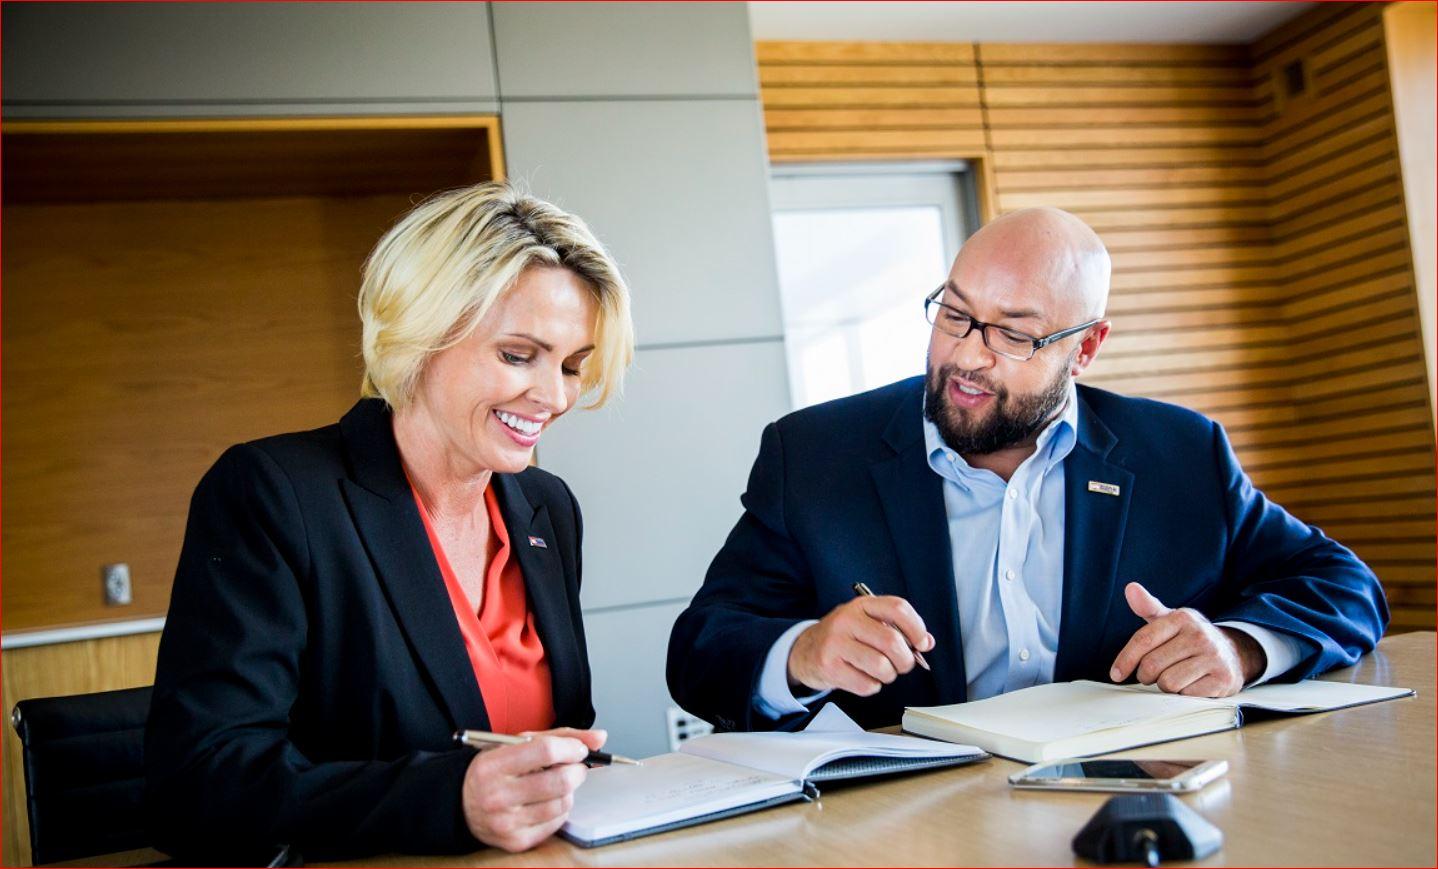 Citizens Bank Employee Benefits